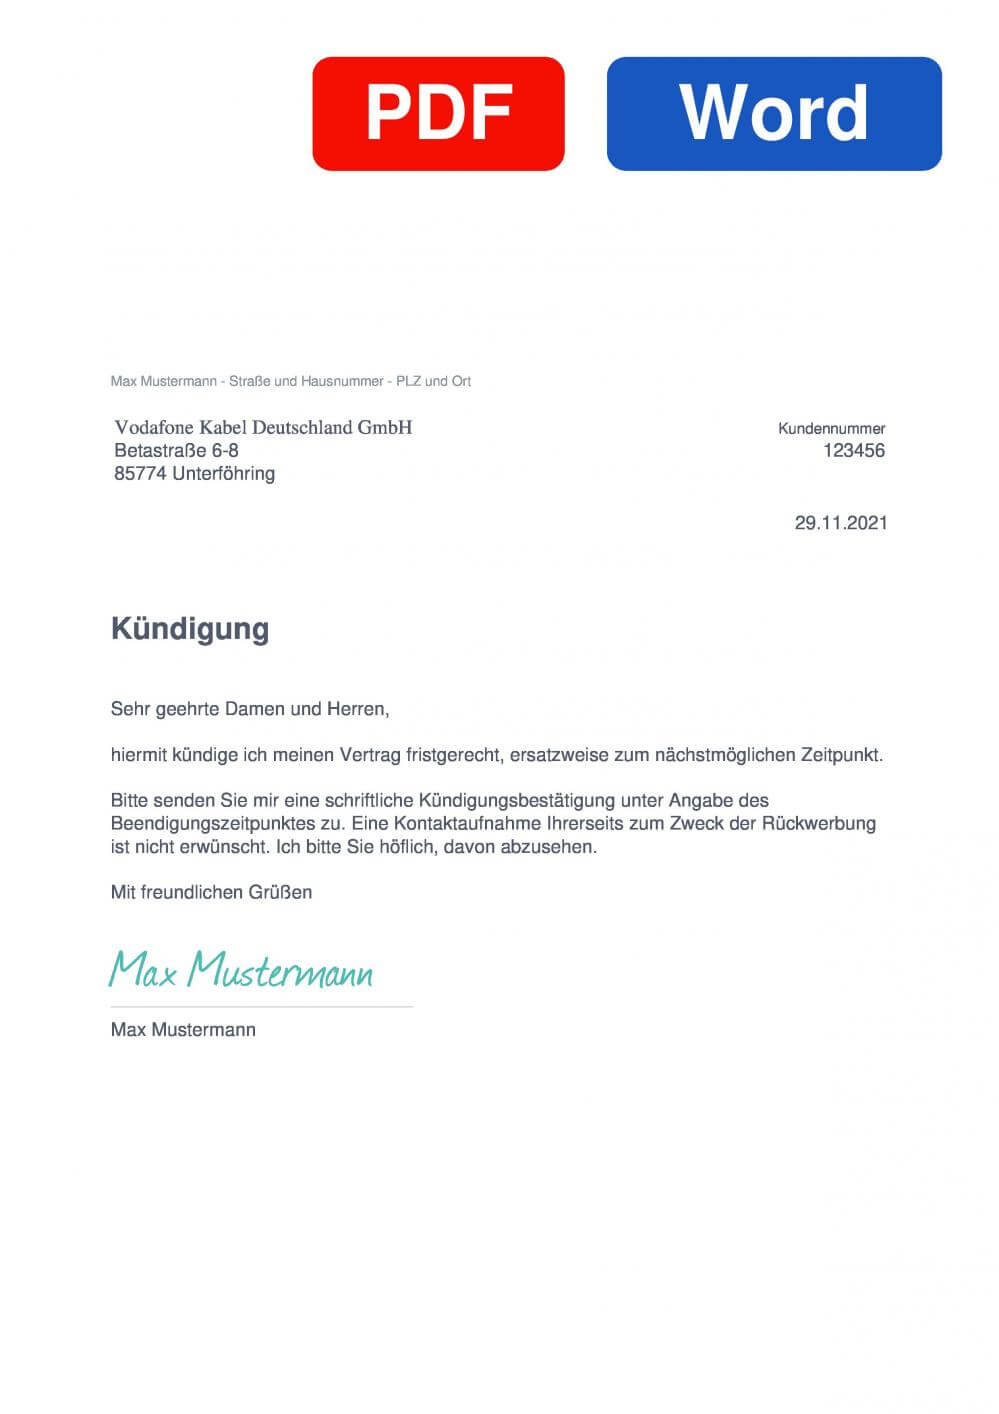 Kabel Deutschland TV Muster Vorlage für Kündigungsschreiben